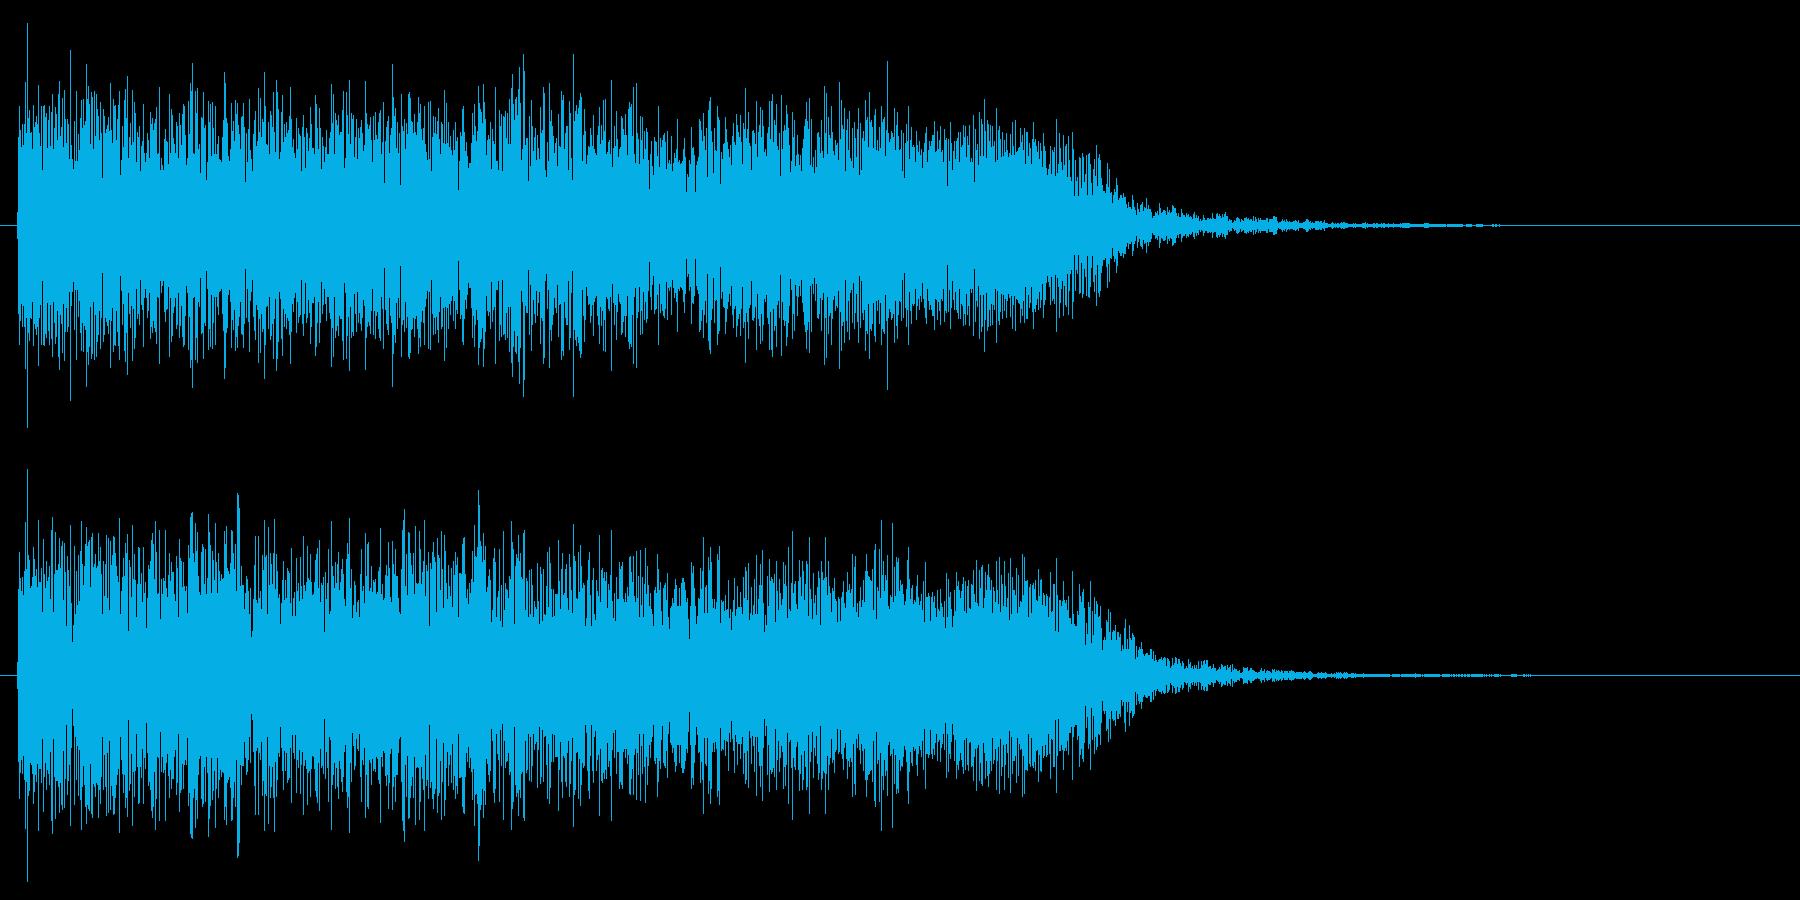 メタルギターフレーズ クラシカルでクールの再生済みの波形